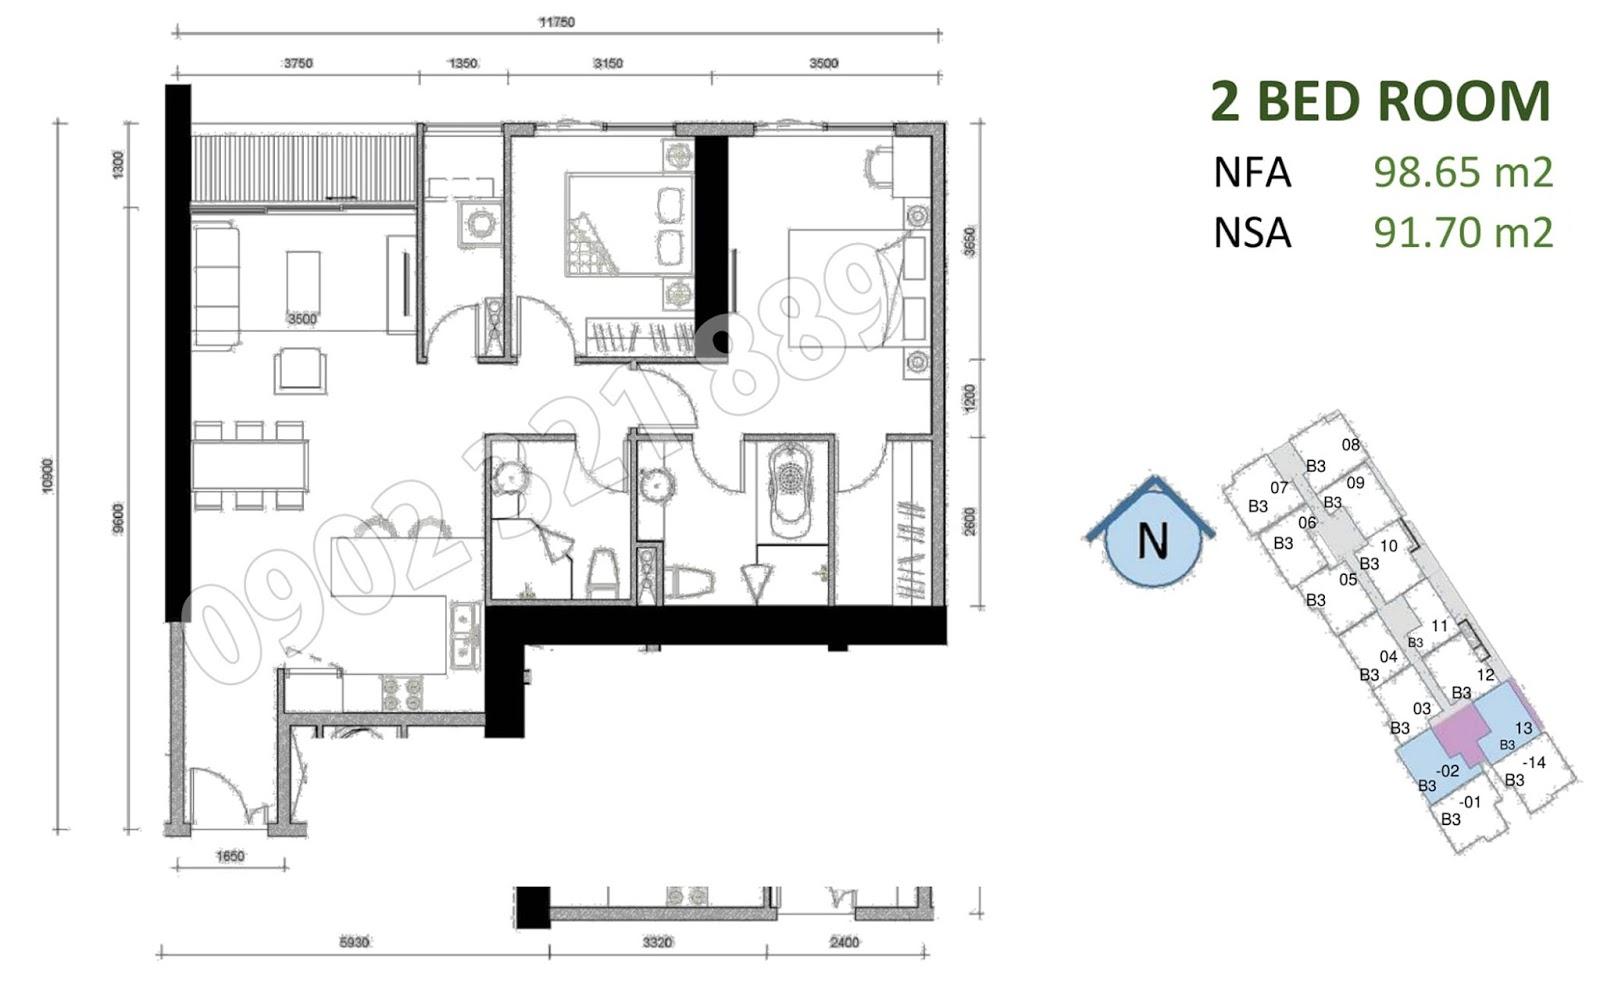 mặt bằng căn hộ sunwah pearl 2 phòng ngủ B3-02 và B3-13